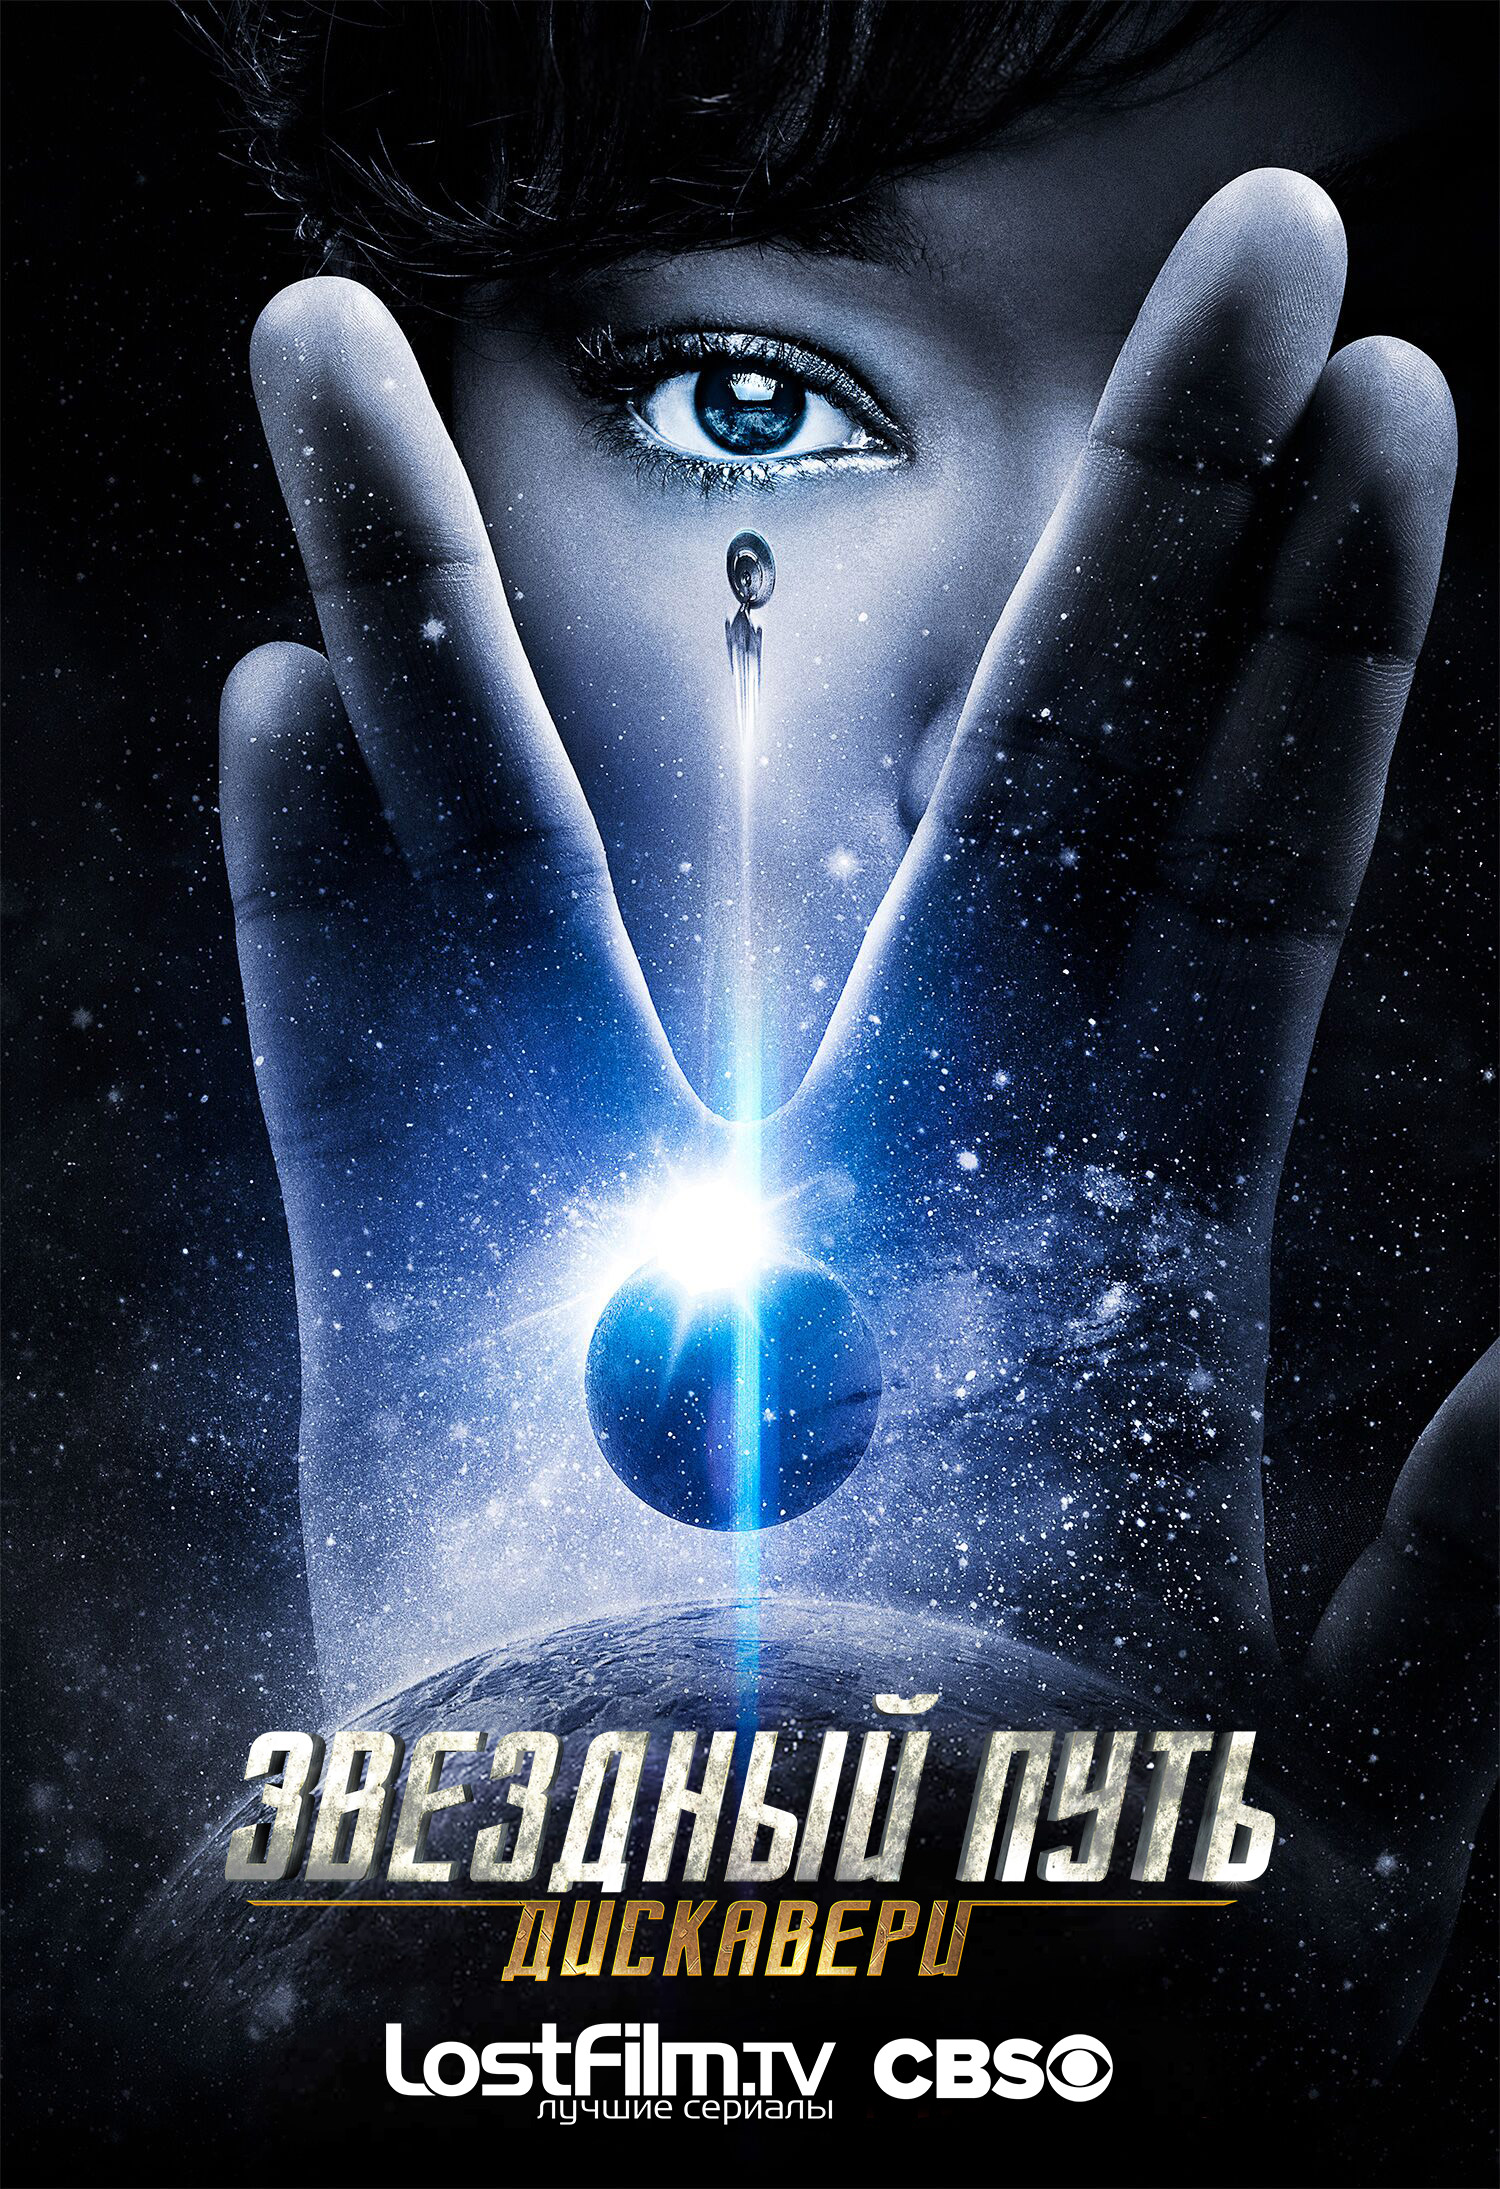 Звездный путь: Дискавери 2 сезон 3 серия LostFilm